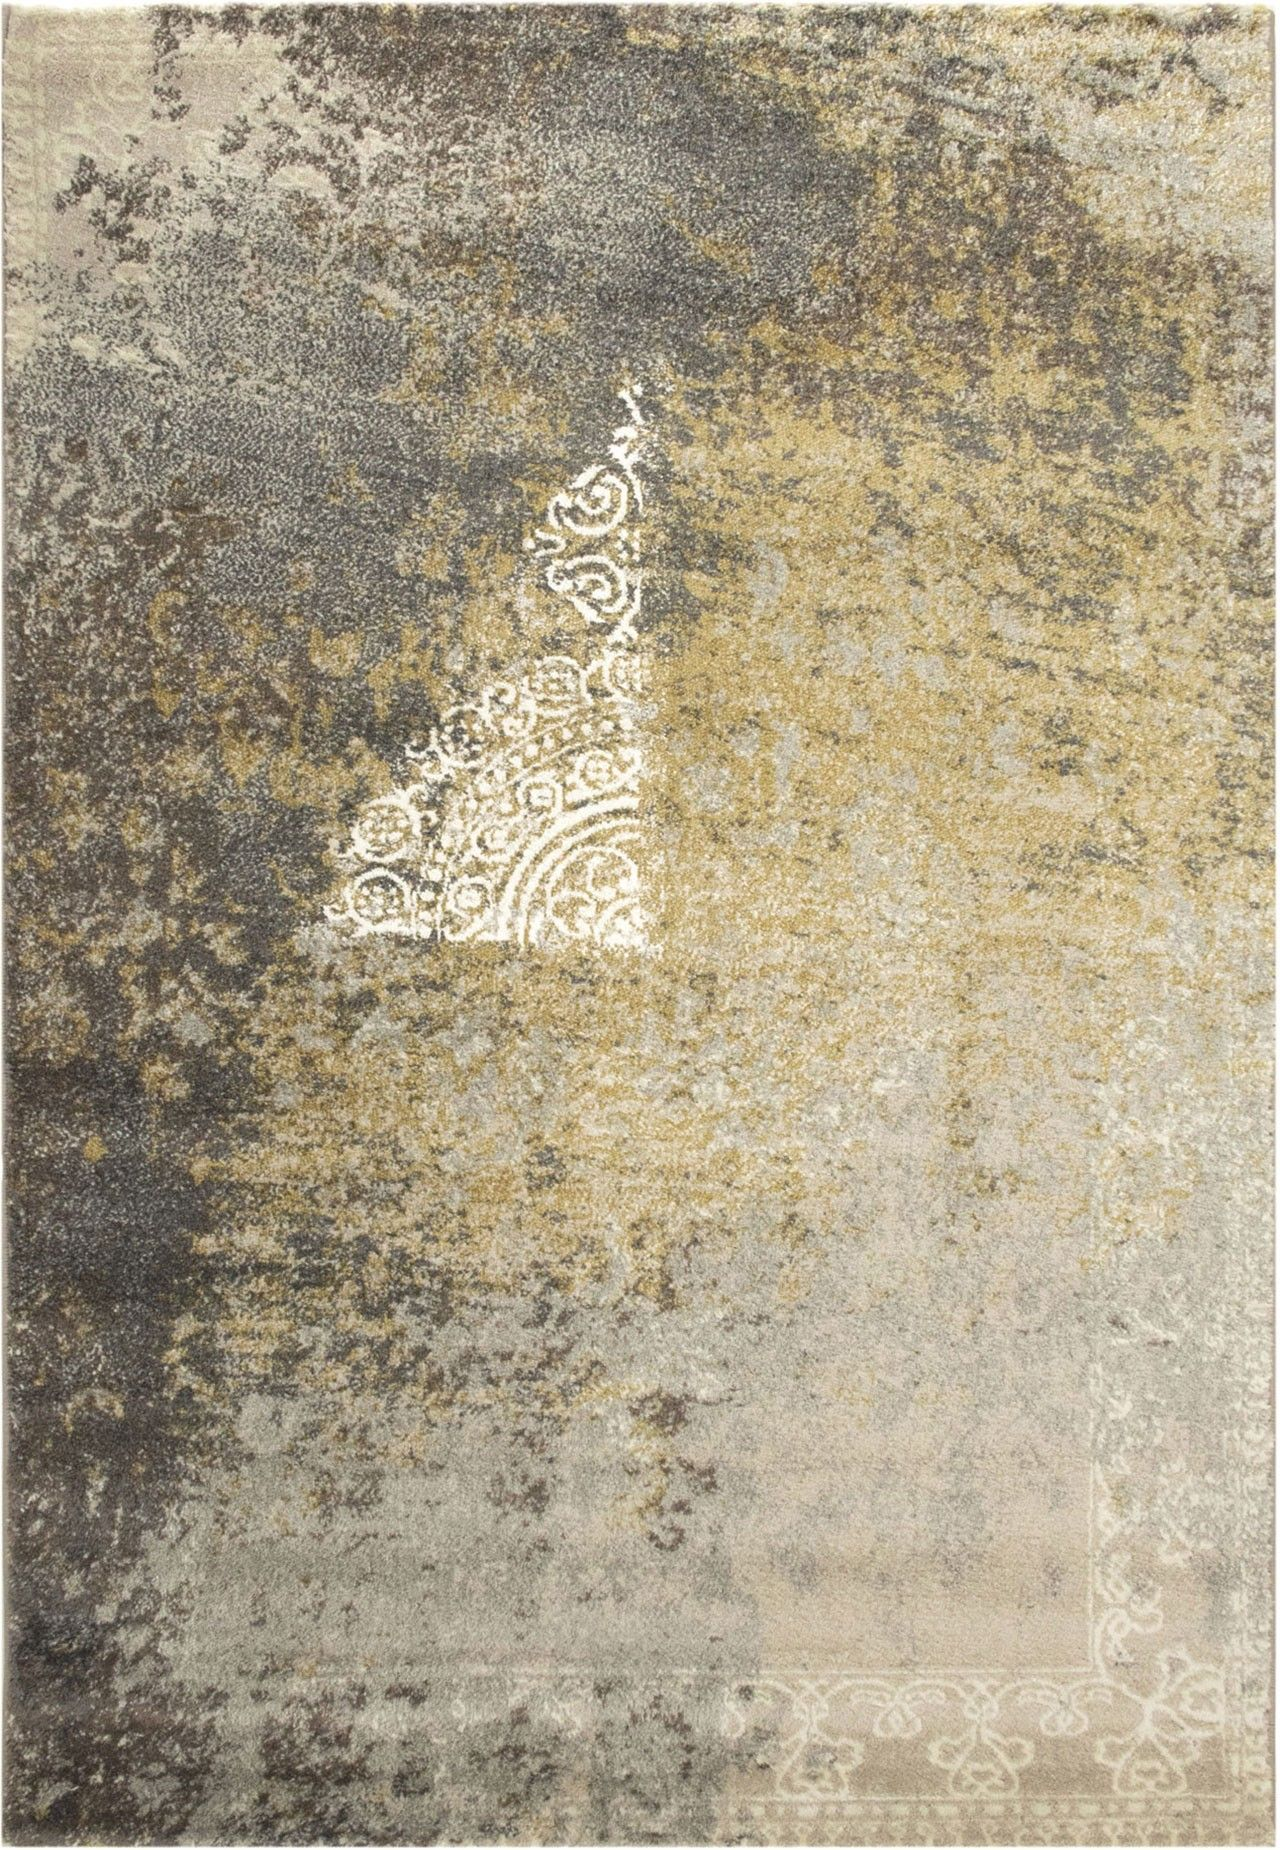 Zara 9000 Beige Teppich Carpet Gelb Beige Braun Cream